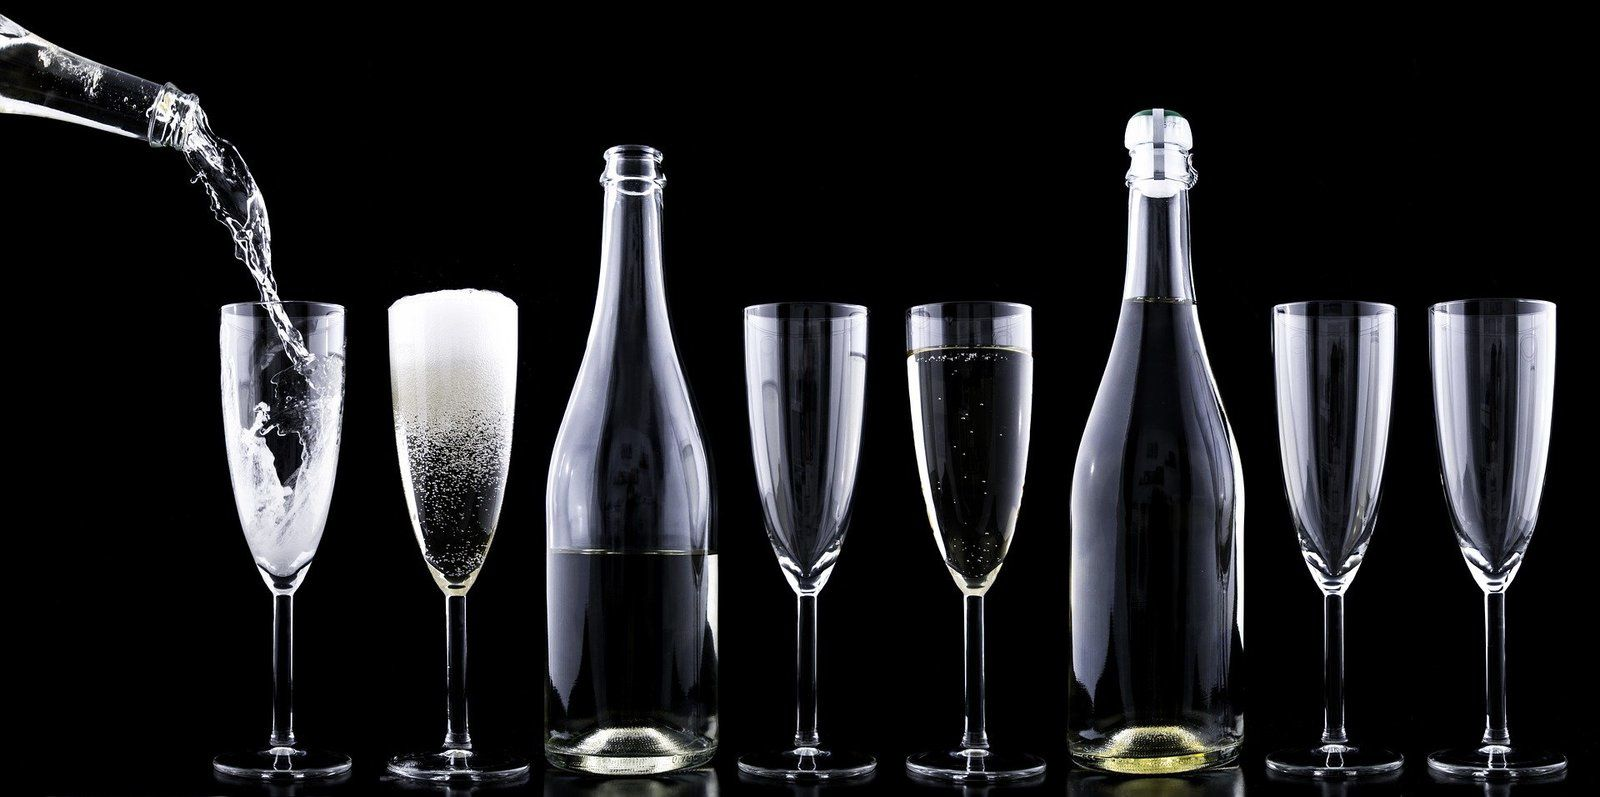 Alcool au volant : La Cour de Cassation impose dorénavant aux juridictions pénales la prise en compte de la marge d'erreur des éthylomètres